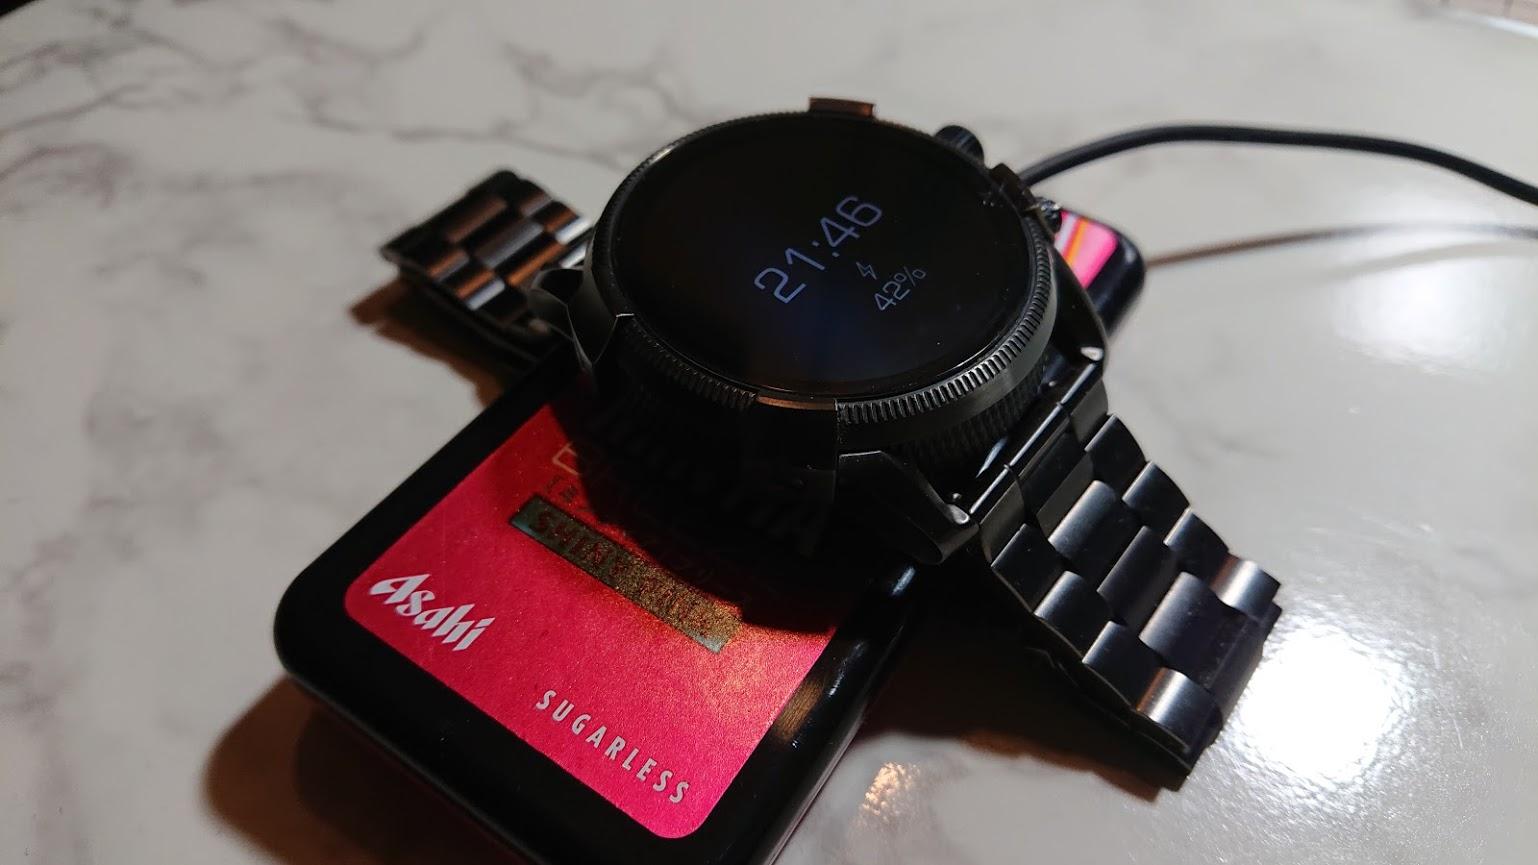 Diselのスマートウォッチを充電